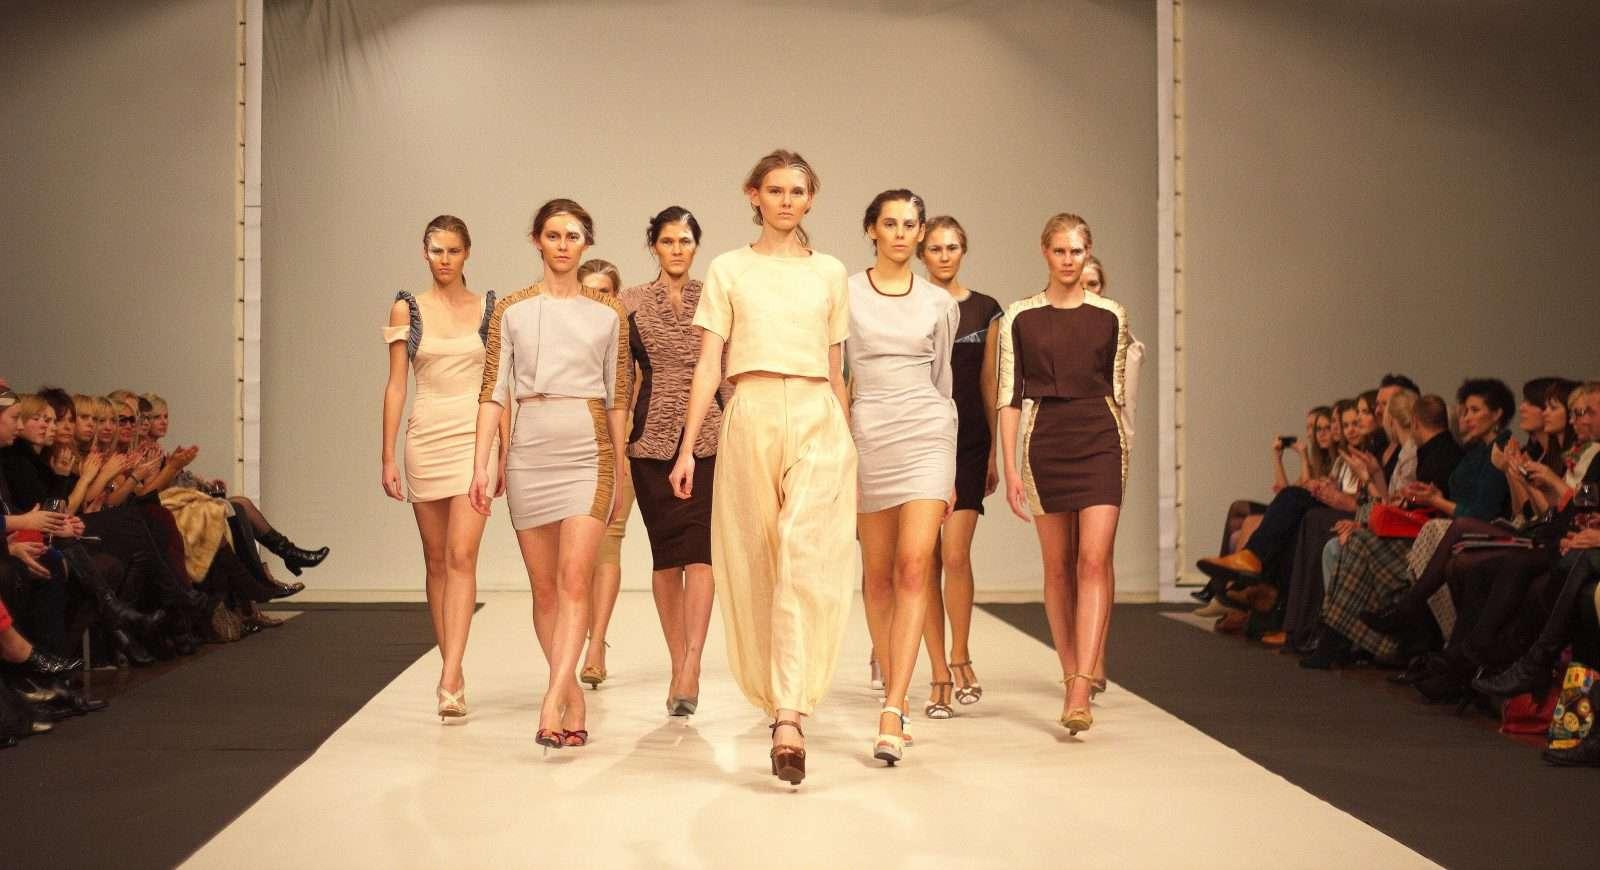 Смотреть приколы с голыми девушками на показе мод без нижнего белья онлайн бесплатно